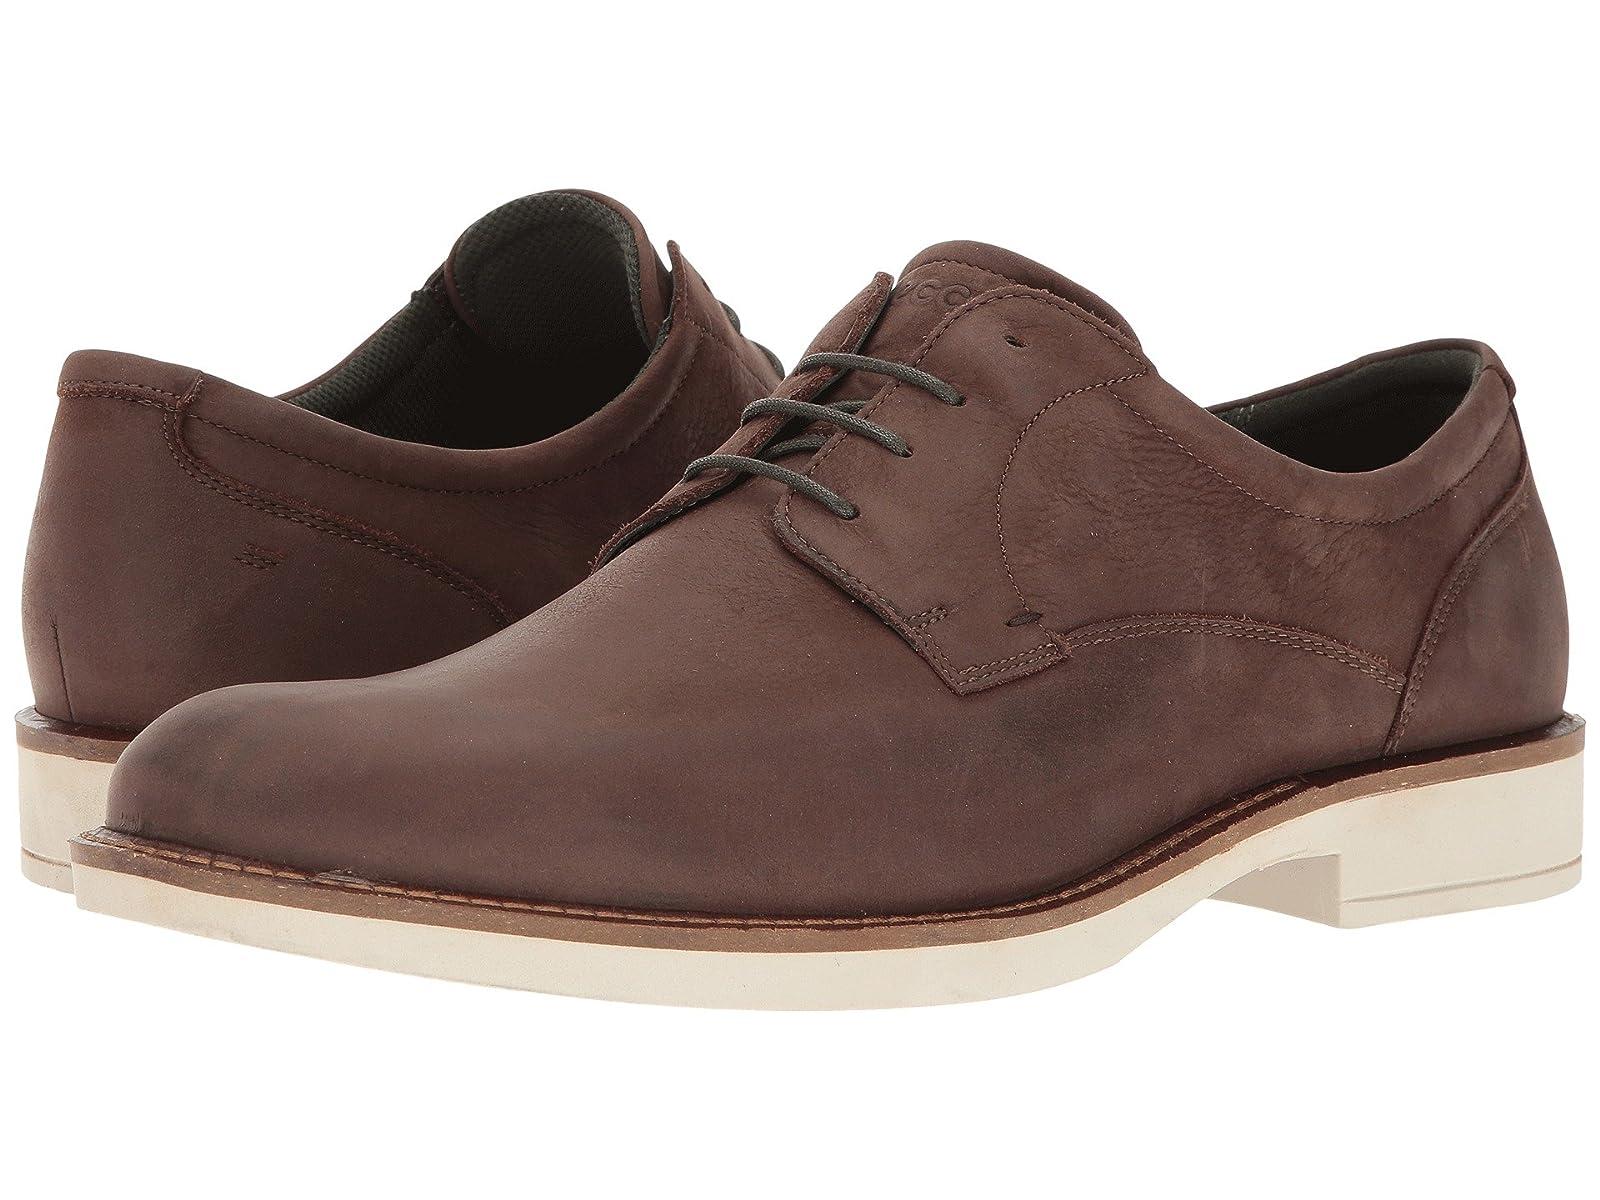 ECCO BiarritzCheap and distinctive eye-catching shoes